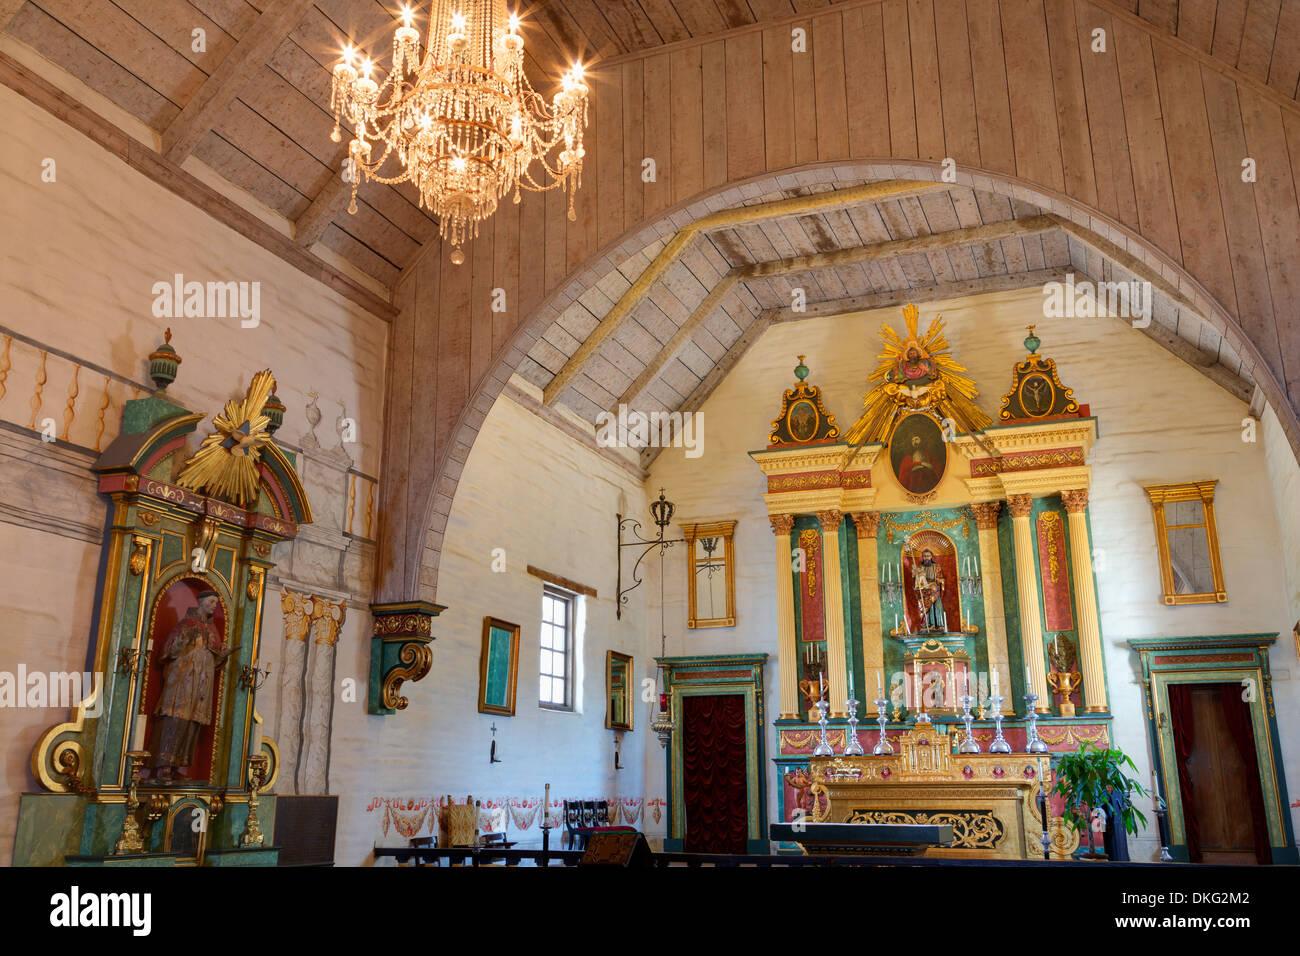 Mission San Jose, Fremont, Californie, États-Unis d'Amérique, Amérique du Nord Photo Stock